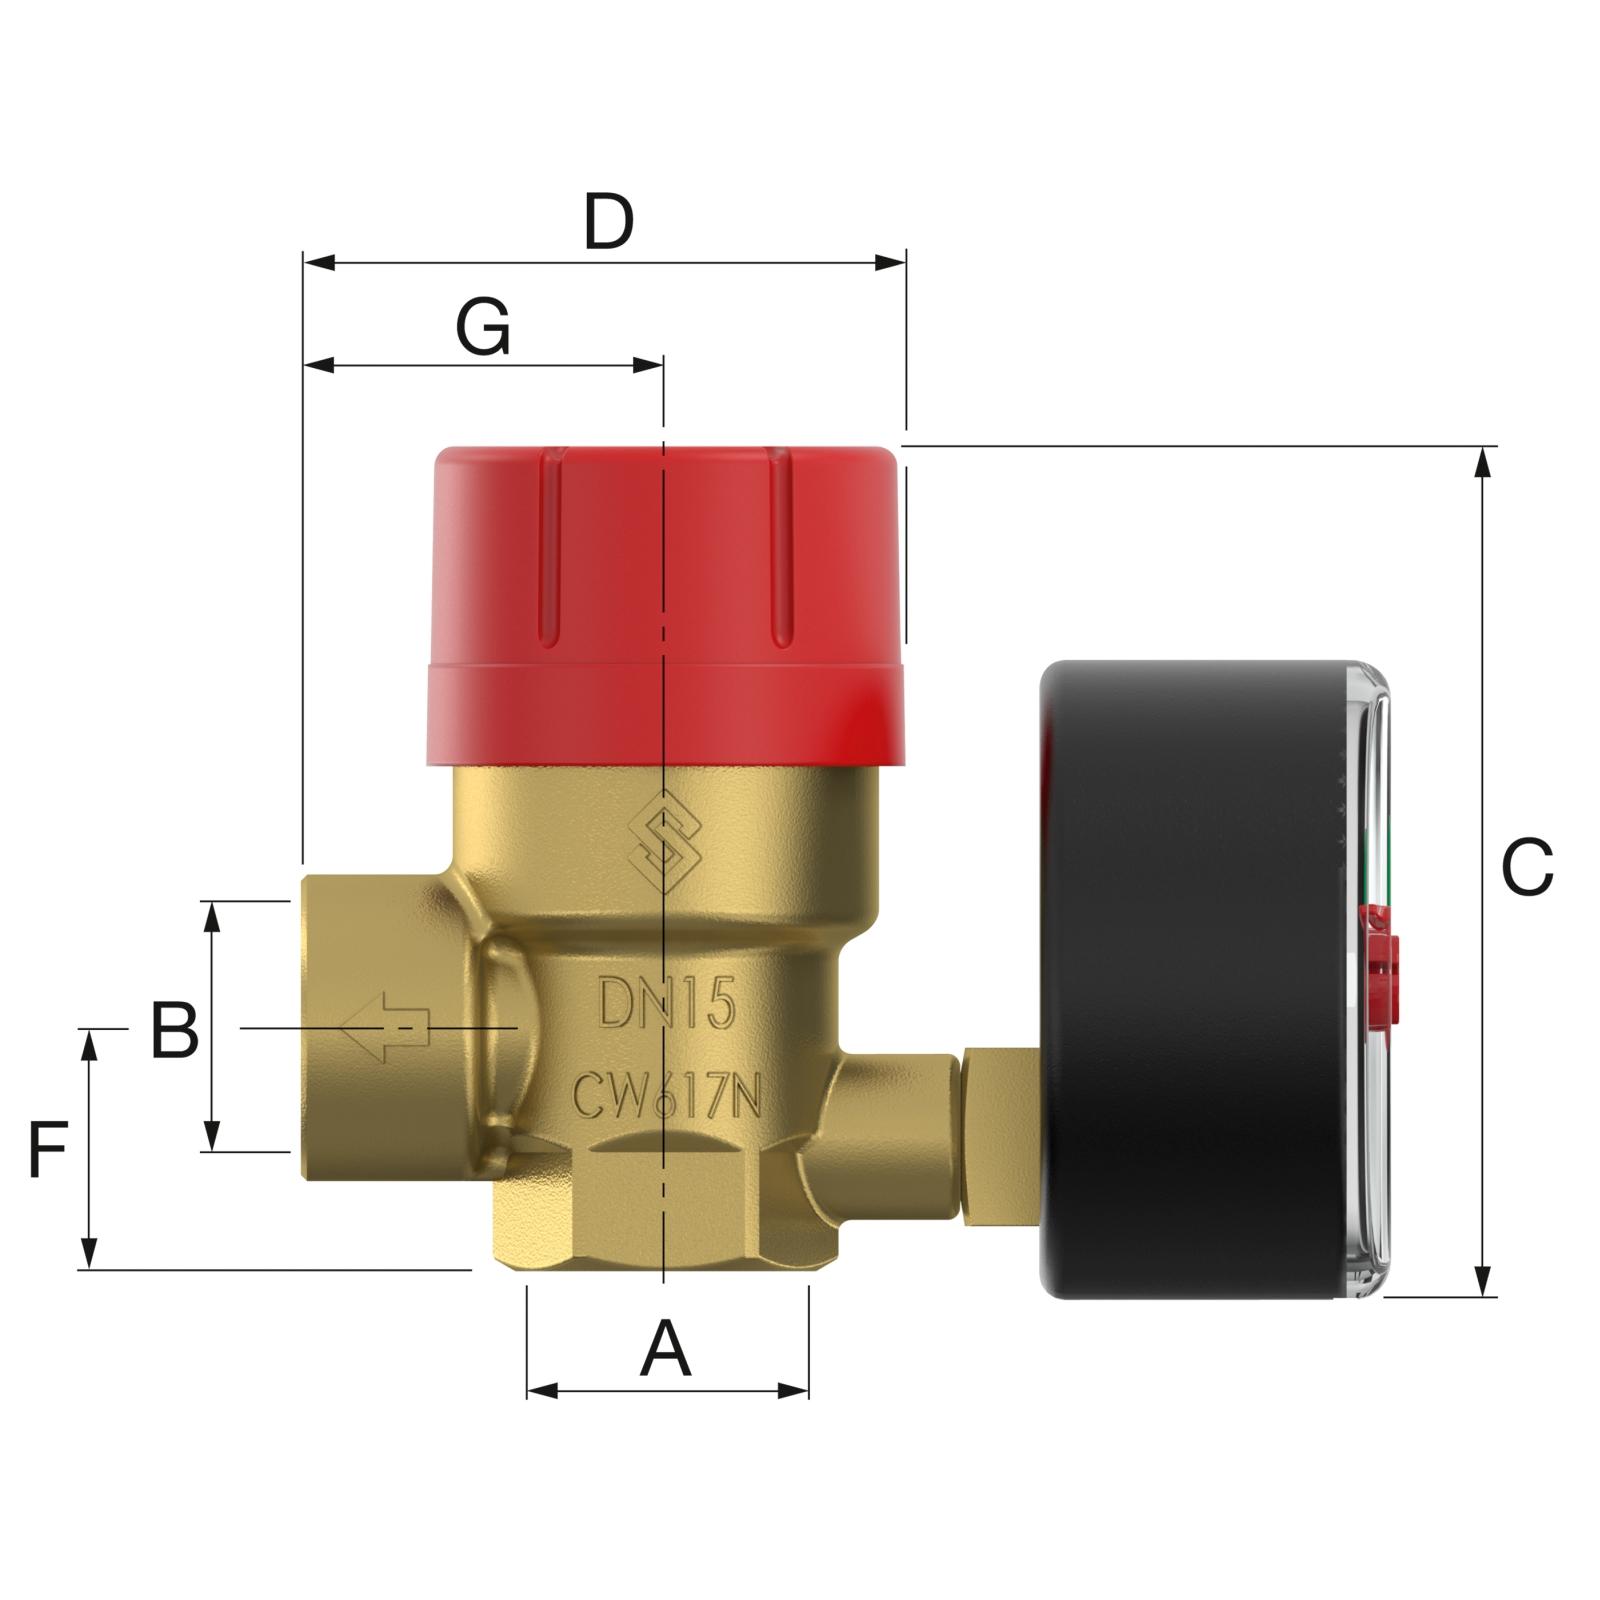 Flamco Prescomano 1/2x3/4 TRD 2,5 bar Biztonsági szelep nyomásmérővel (27687) műszaki ábra